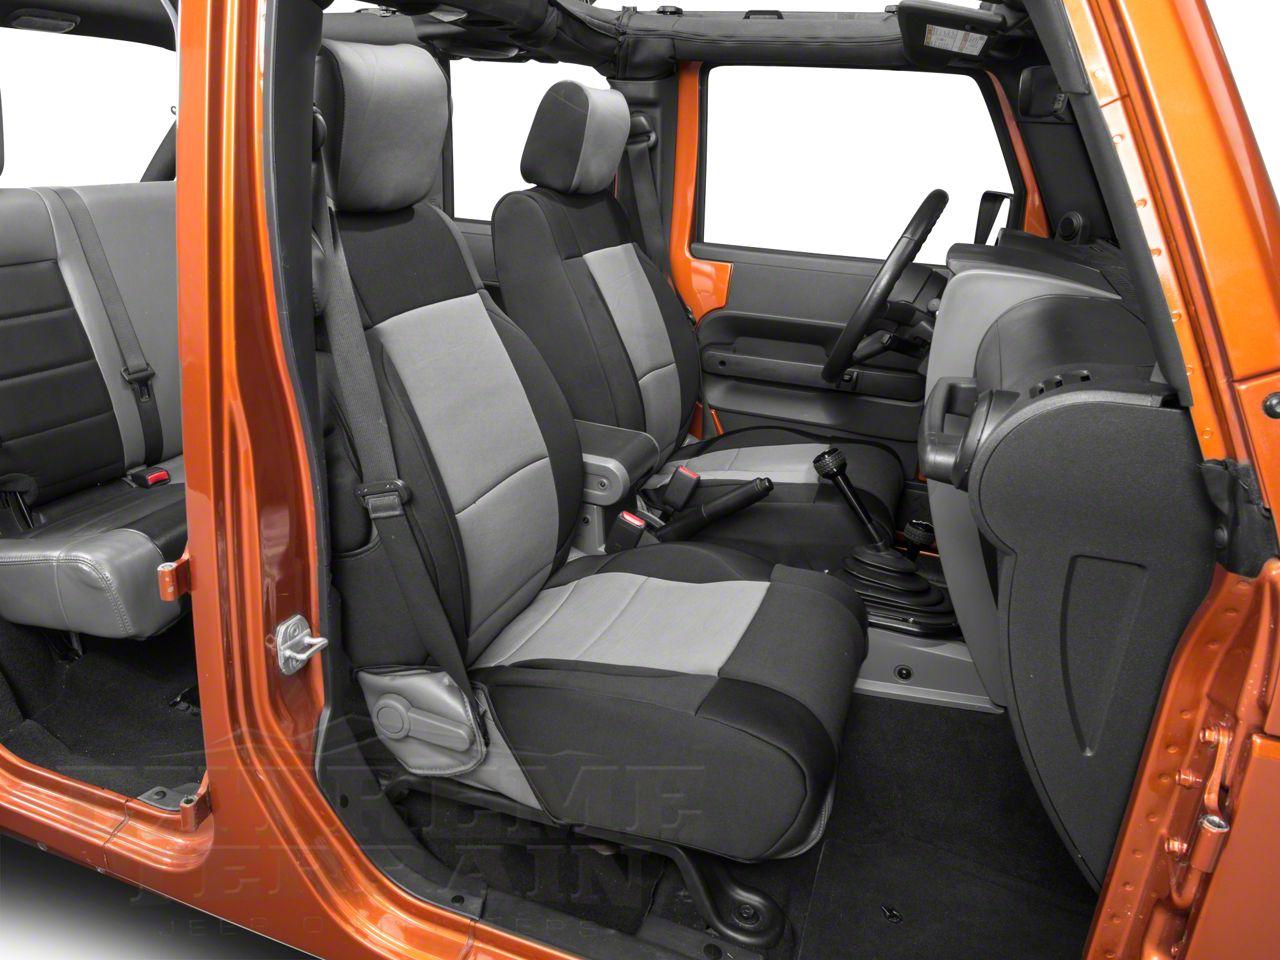 Smittybilt 471422 Neoprene Seat Cover Fits 07-12 Wrangler